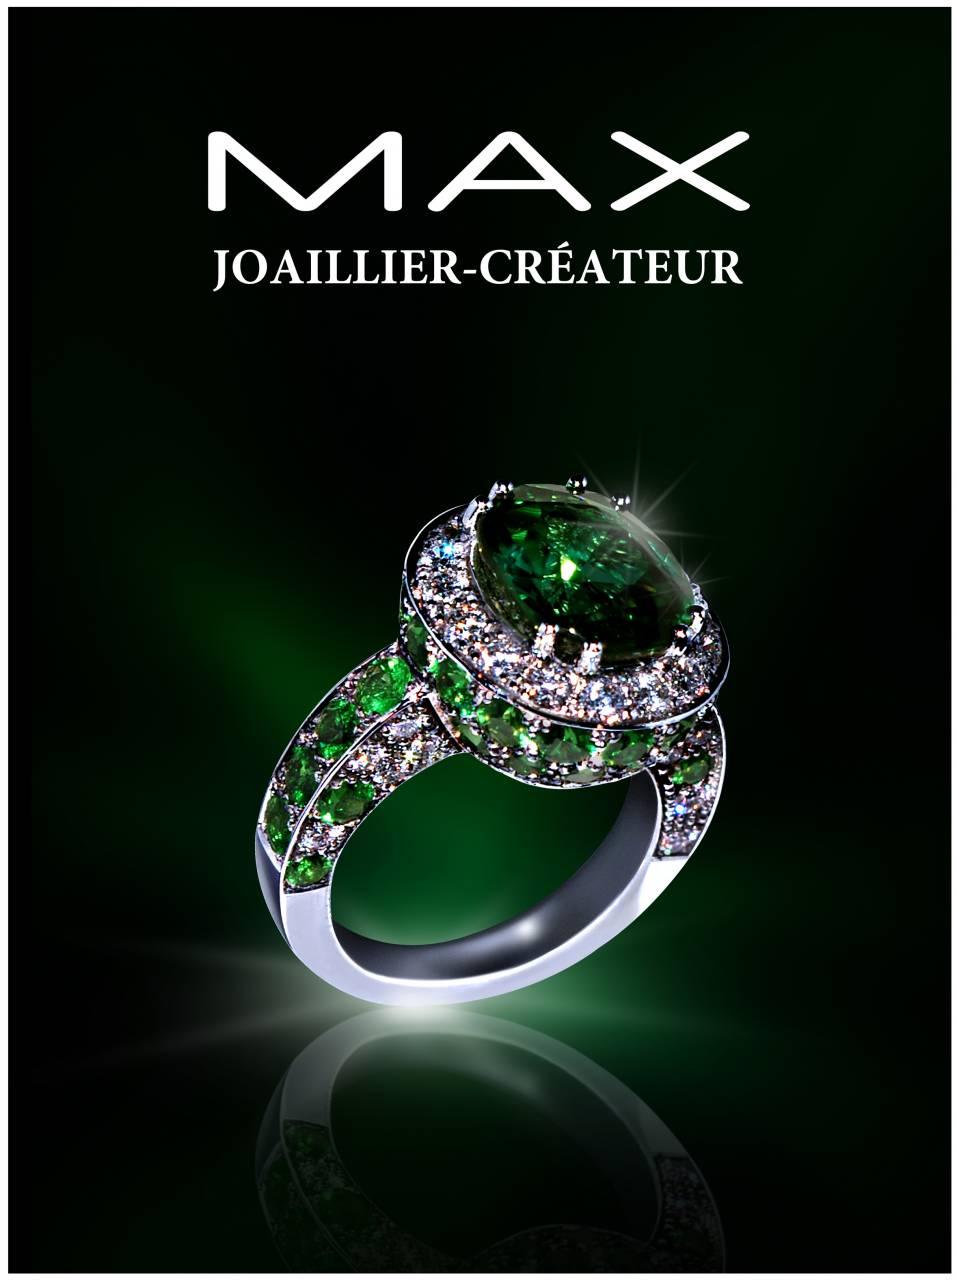 Logo MAX JOAILLIER